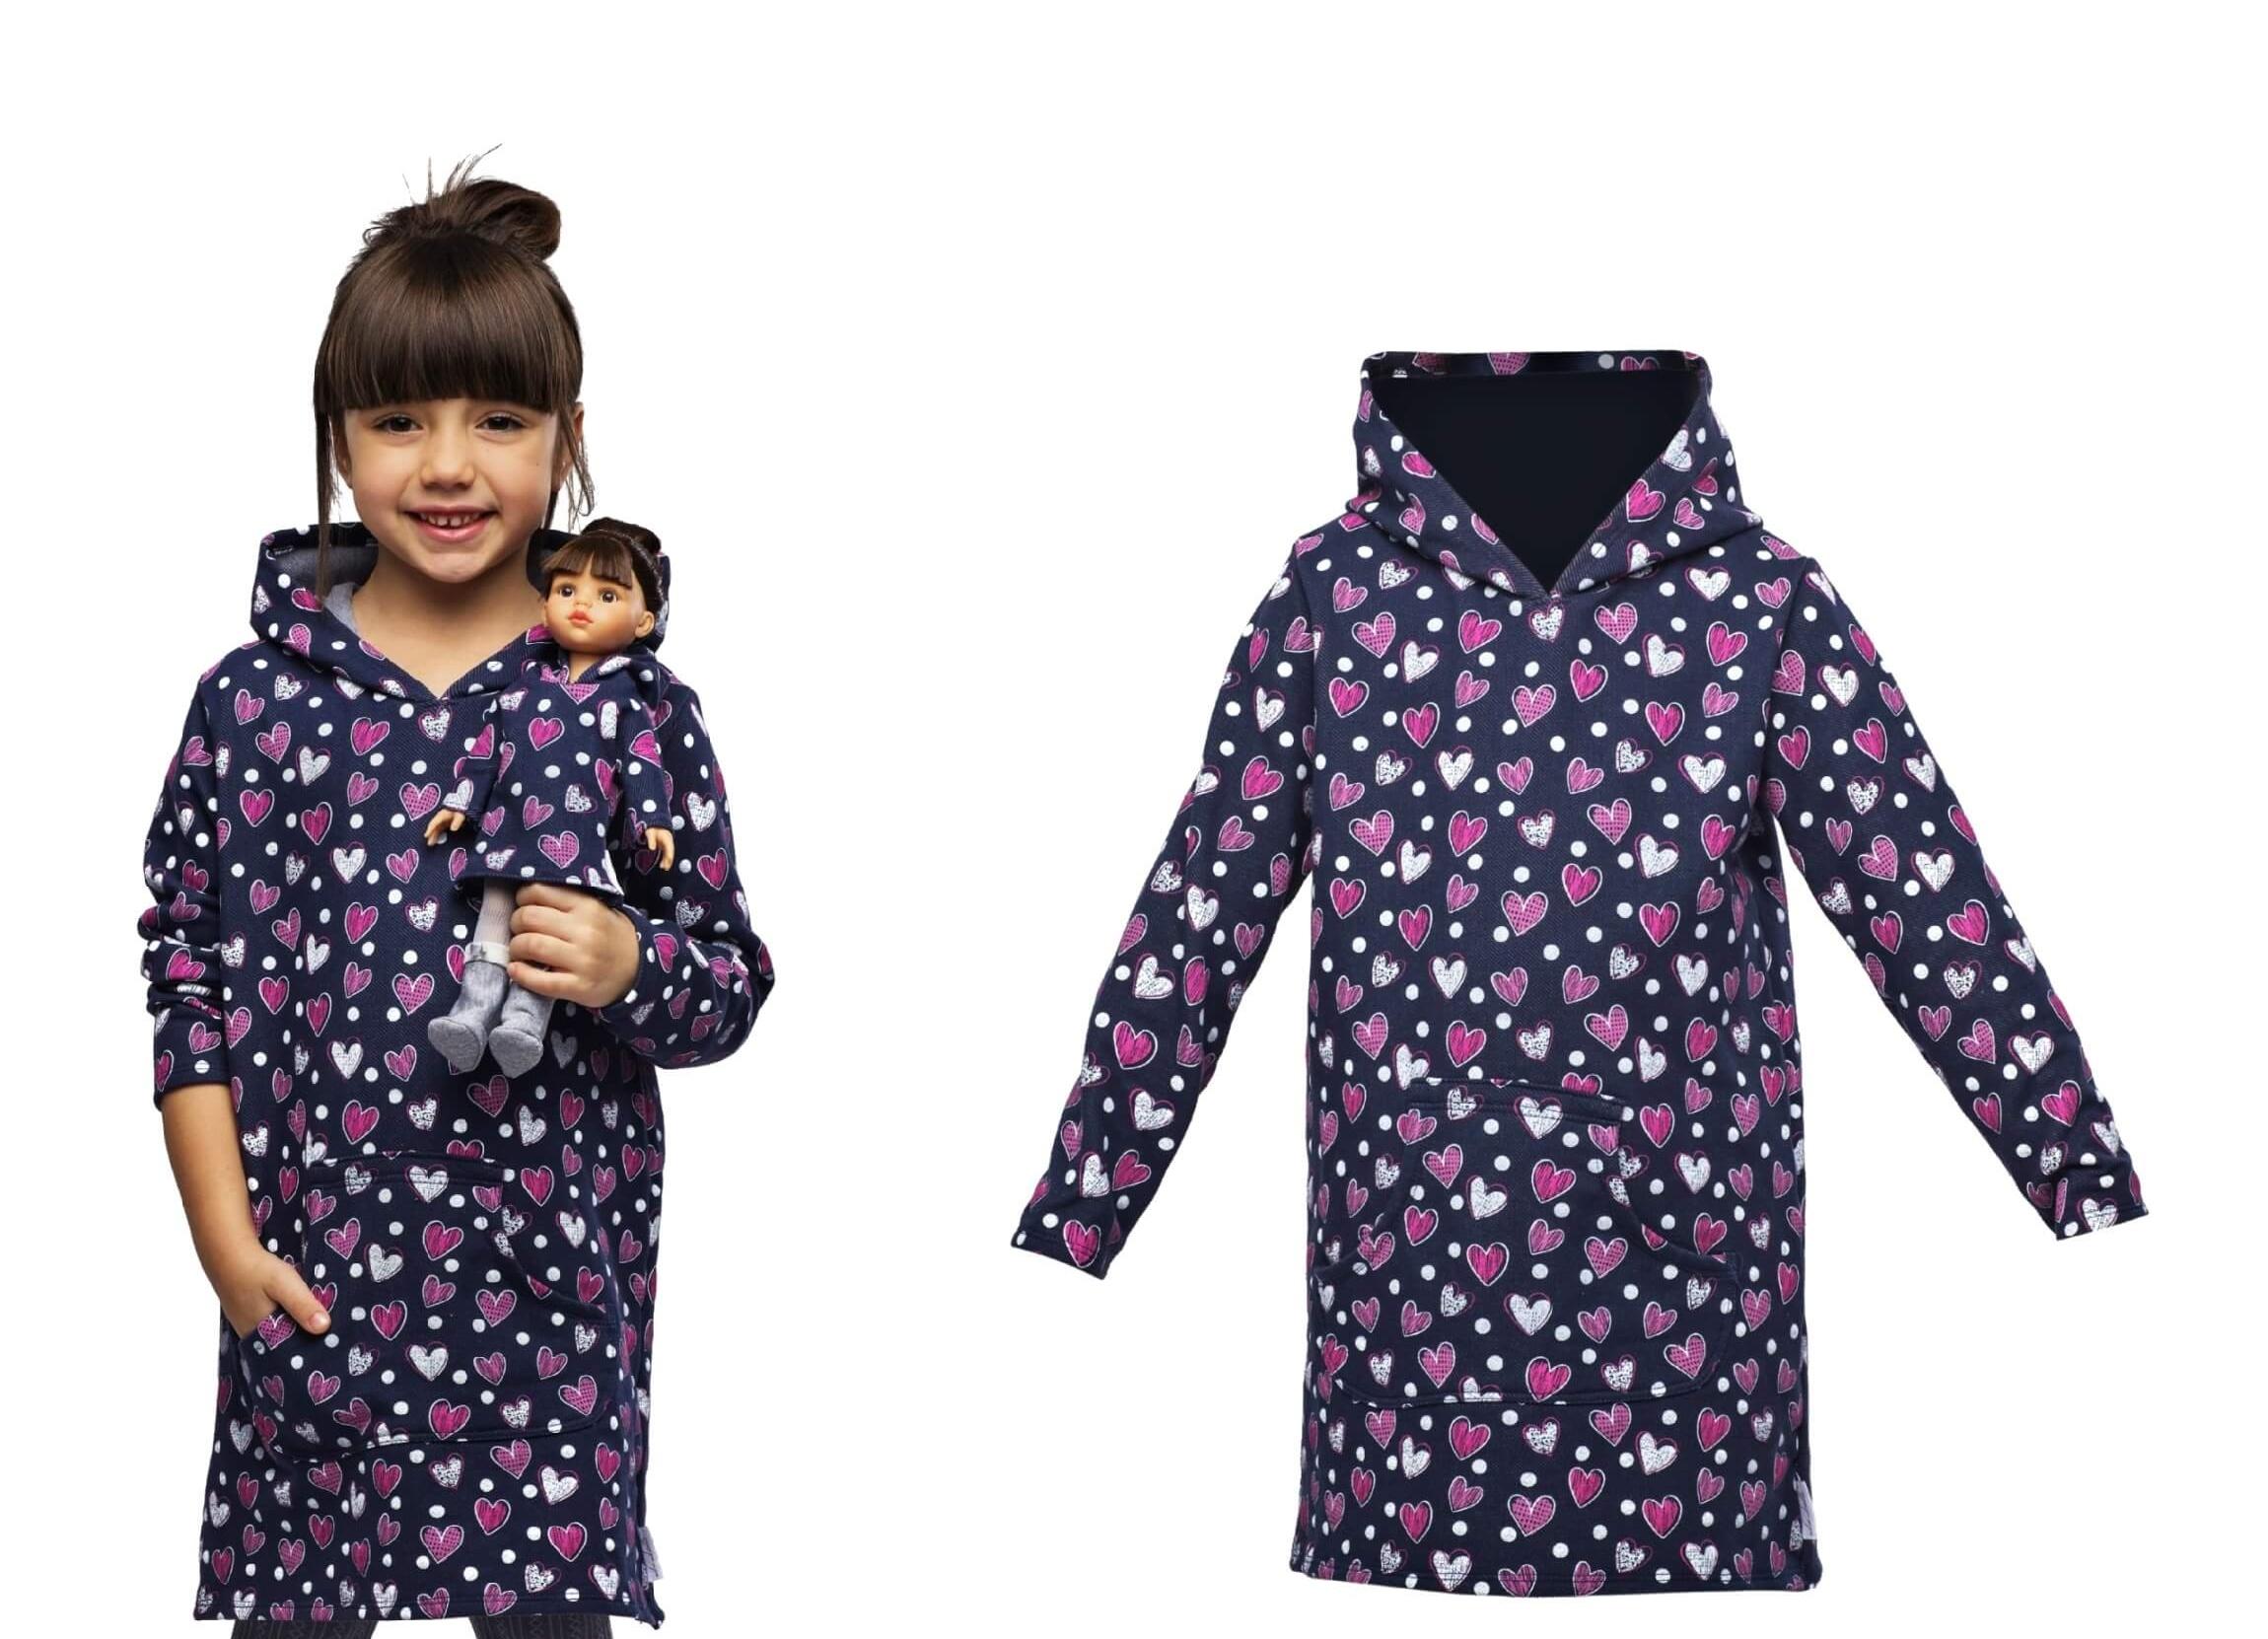 Kleid für Mädchen und Puppe La Lalla. Kleidung für Puppen und Kinder ...